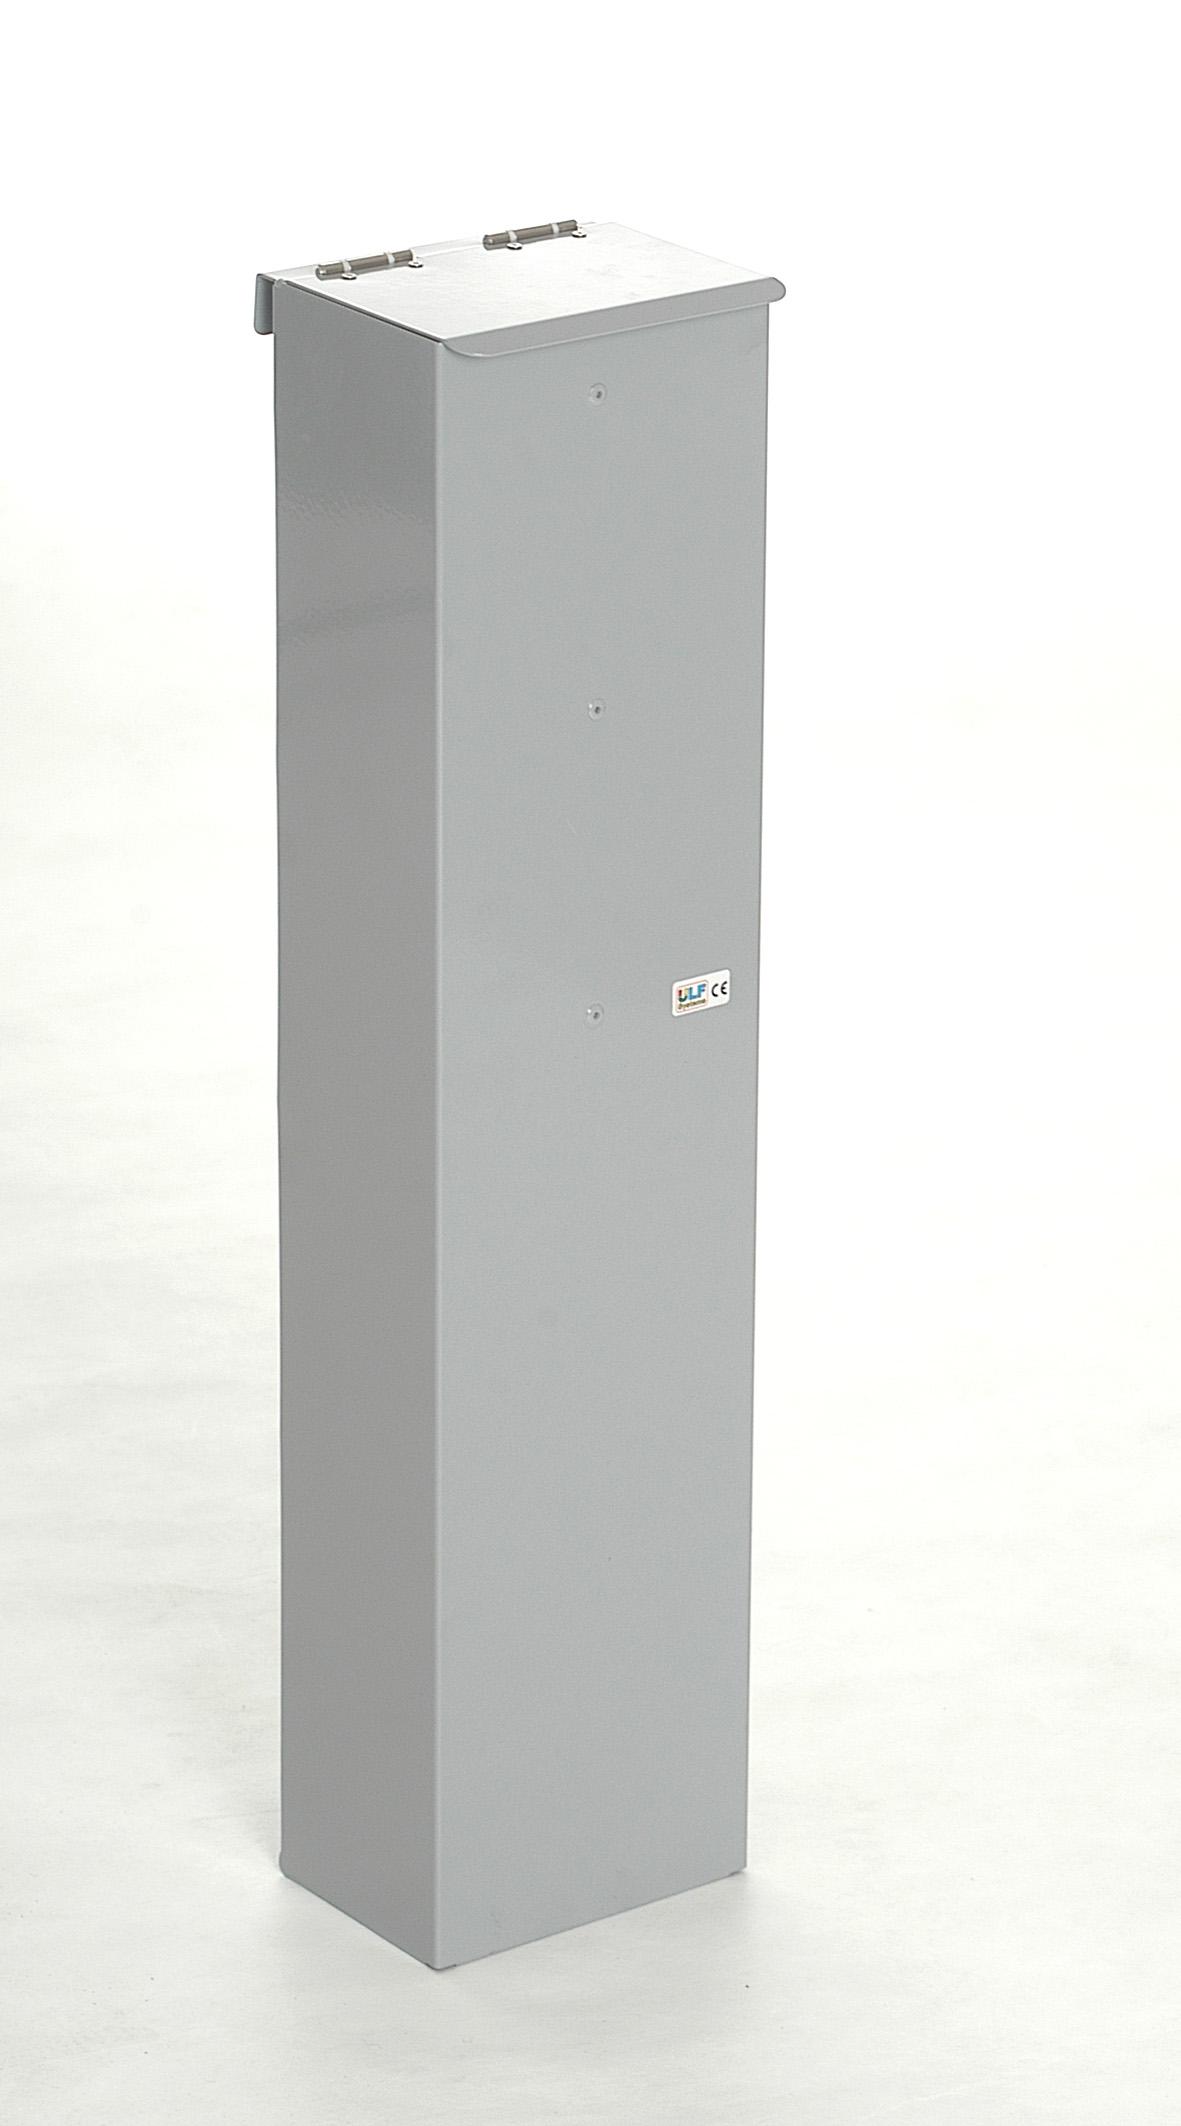 katheterbox-katheterbehälter